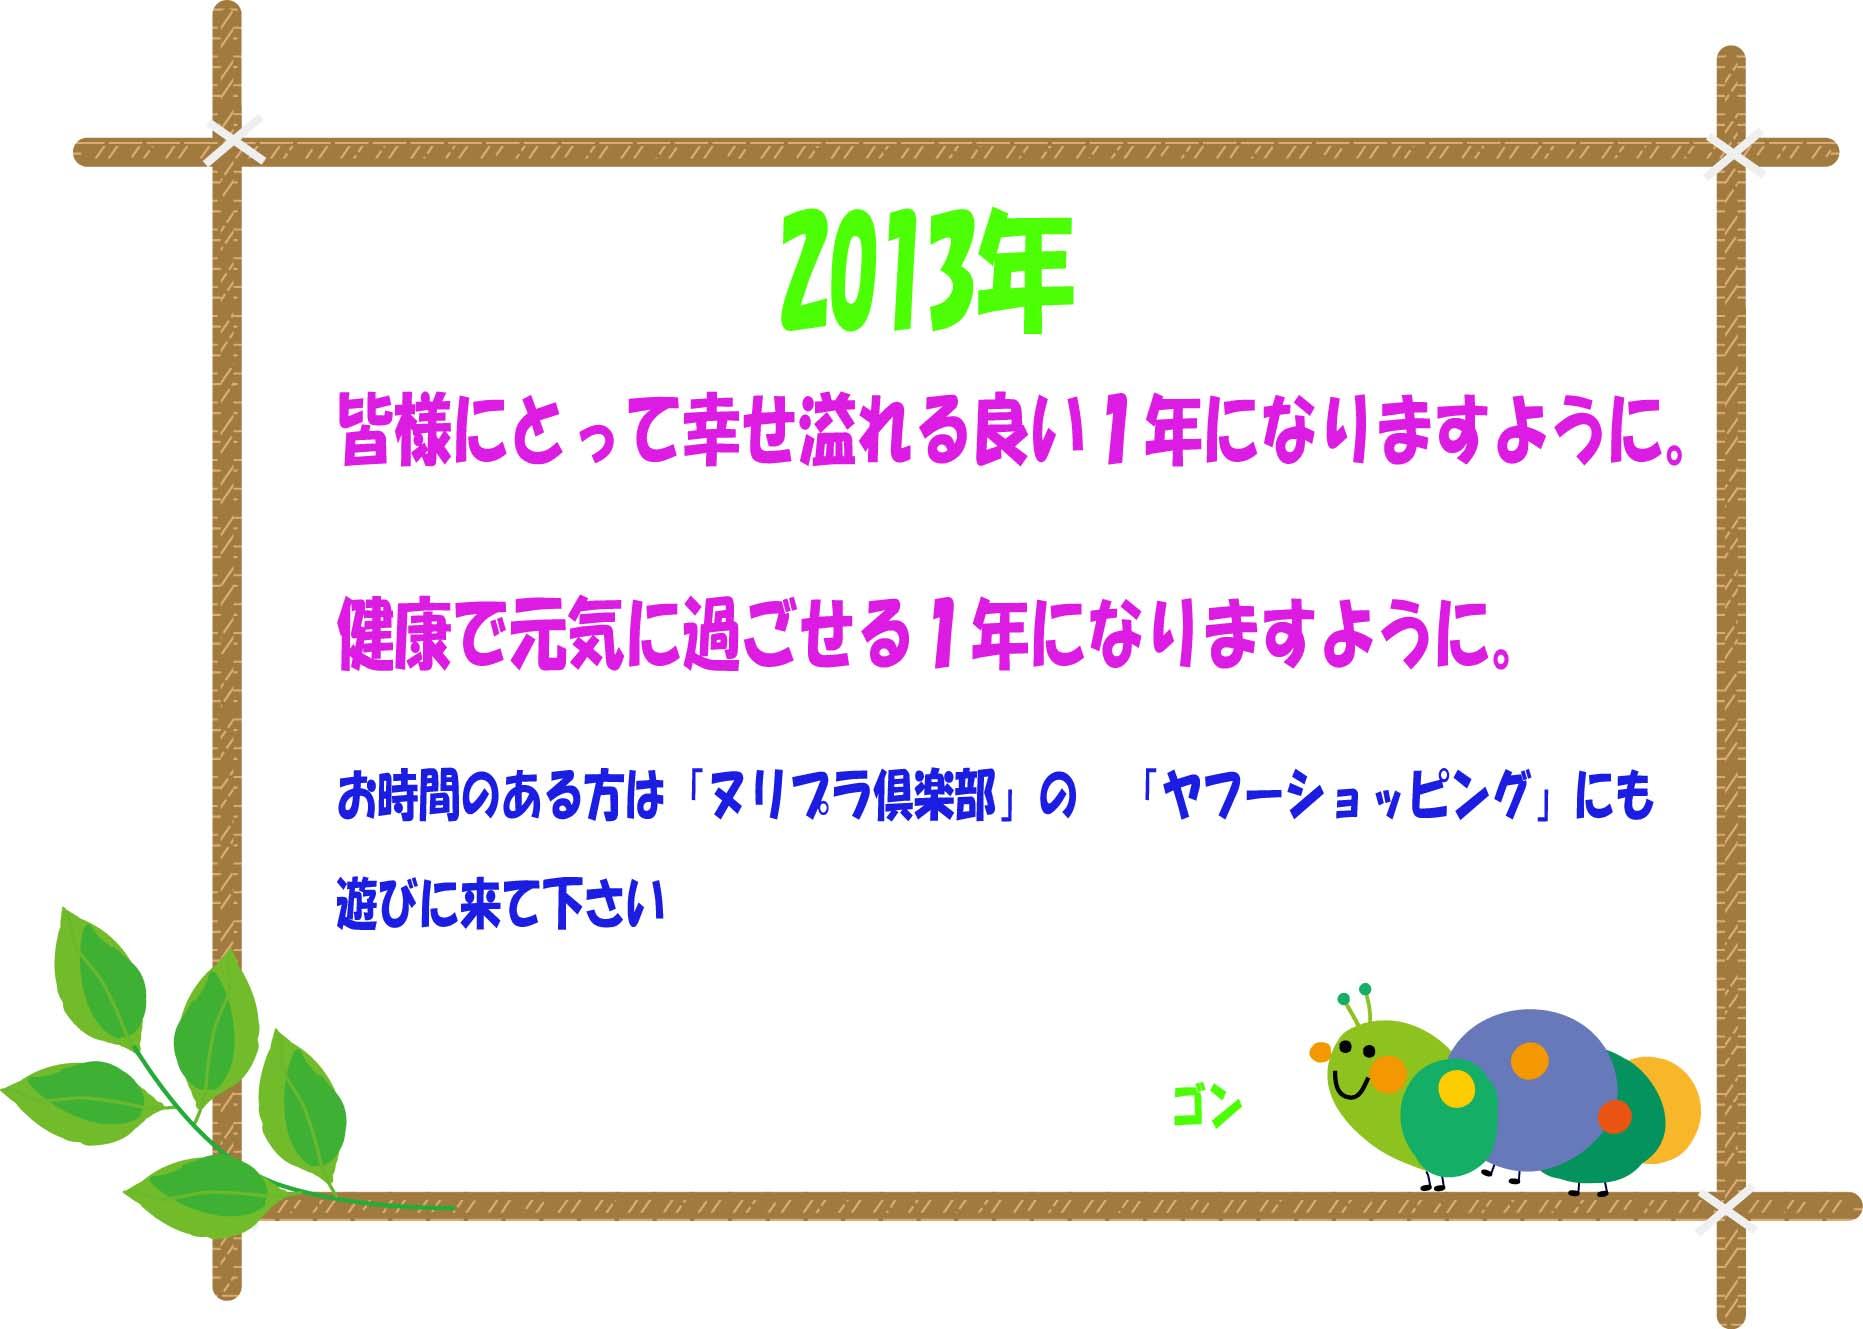 青虫さんフレーム 2013年